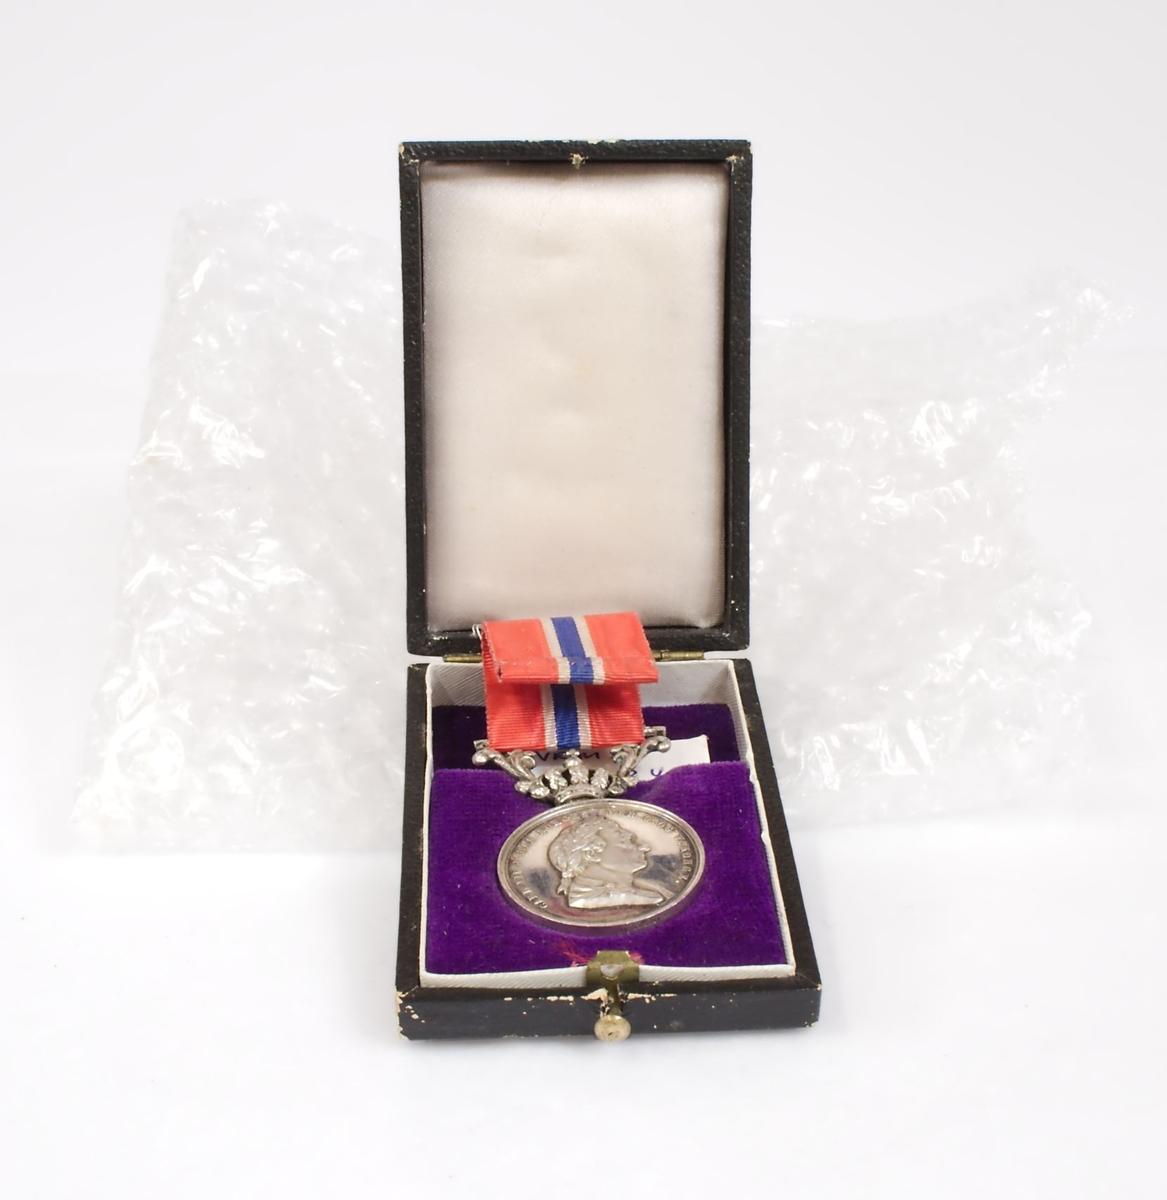 """Sølvmedalje med bånd i de norske nasjonalfargene. Den ene siden bærer kong Carl Johans portrett, og den andre siden har ordene """"For borgerdåd"""" omkranset av eikekrans. Hempen har kronedekor. Medaljen oppbevares i originalt etui."""